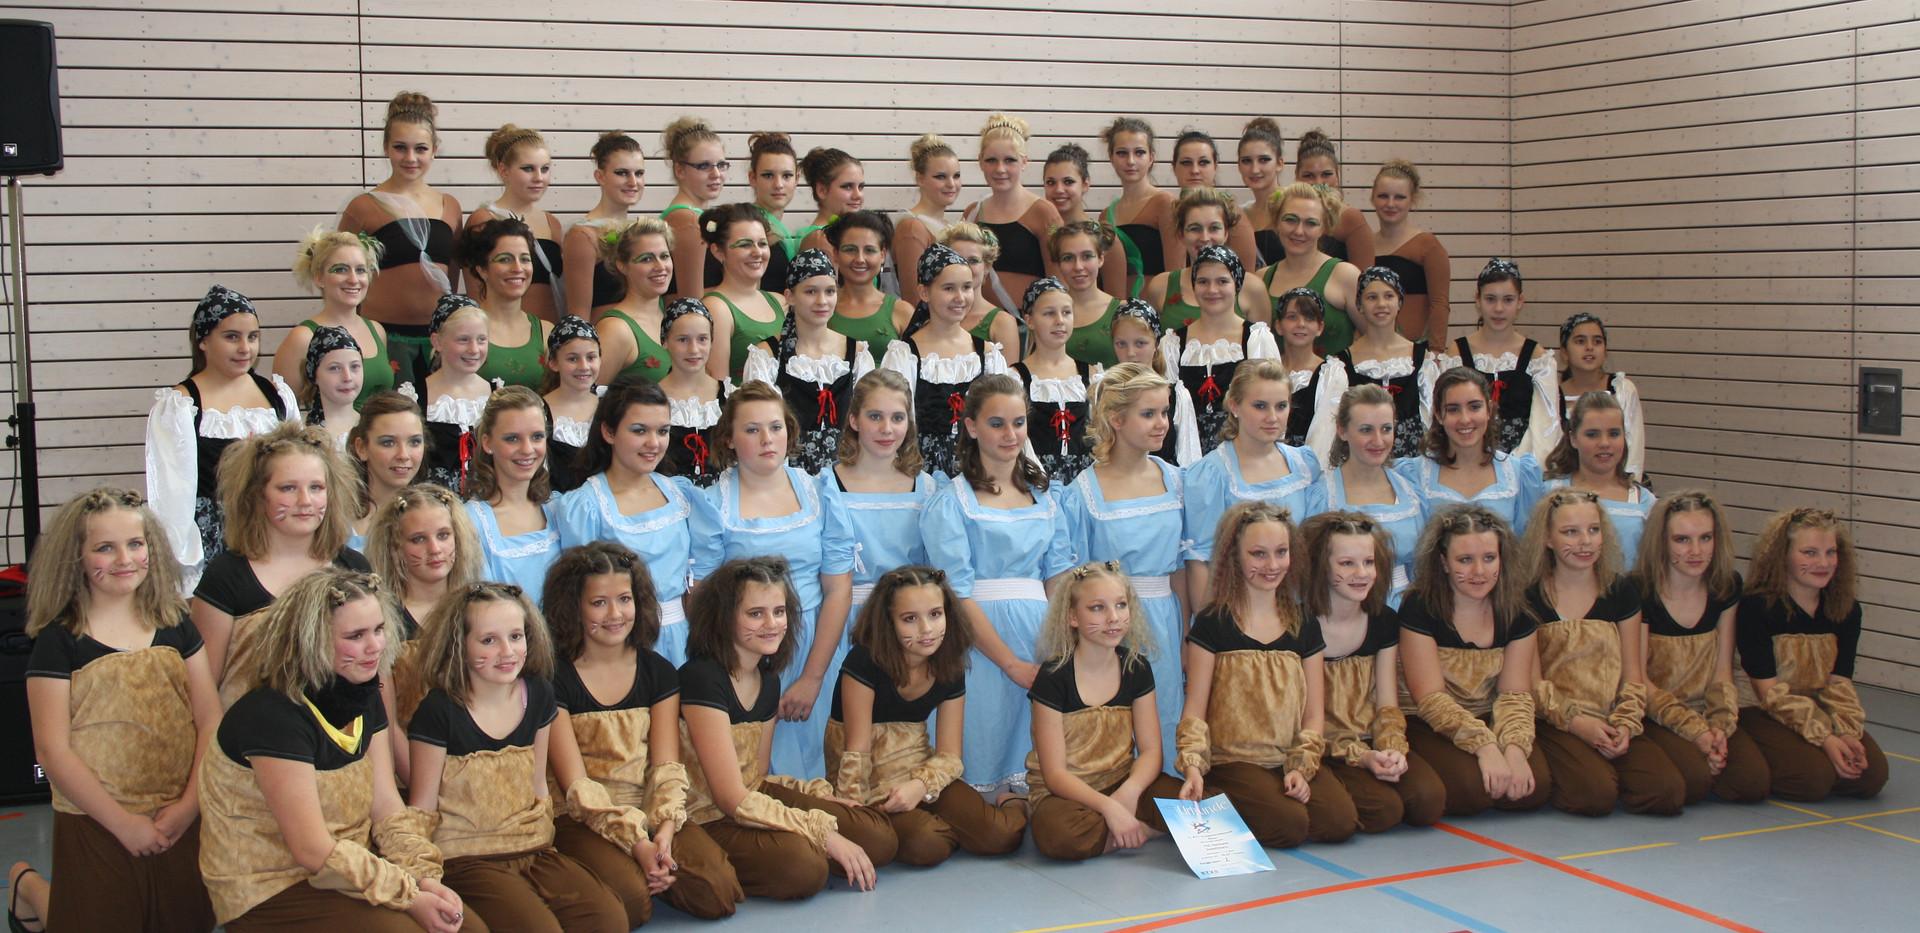 Gruppen- und Pokalwettbewerb Dance Deggendorf 2010